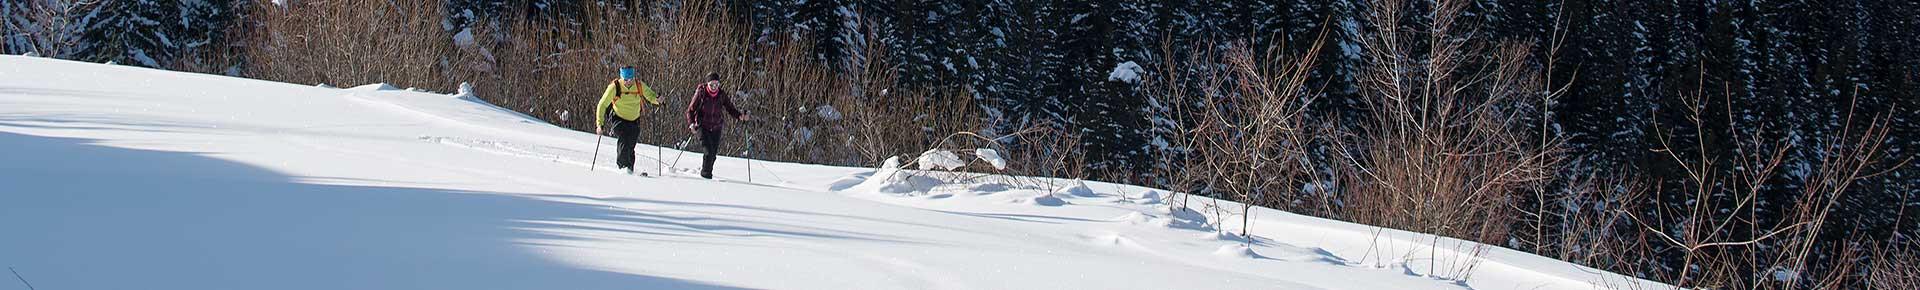 ski-rando-col-corbier-fevrier19-3-31630